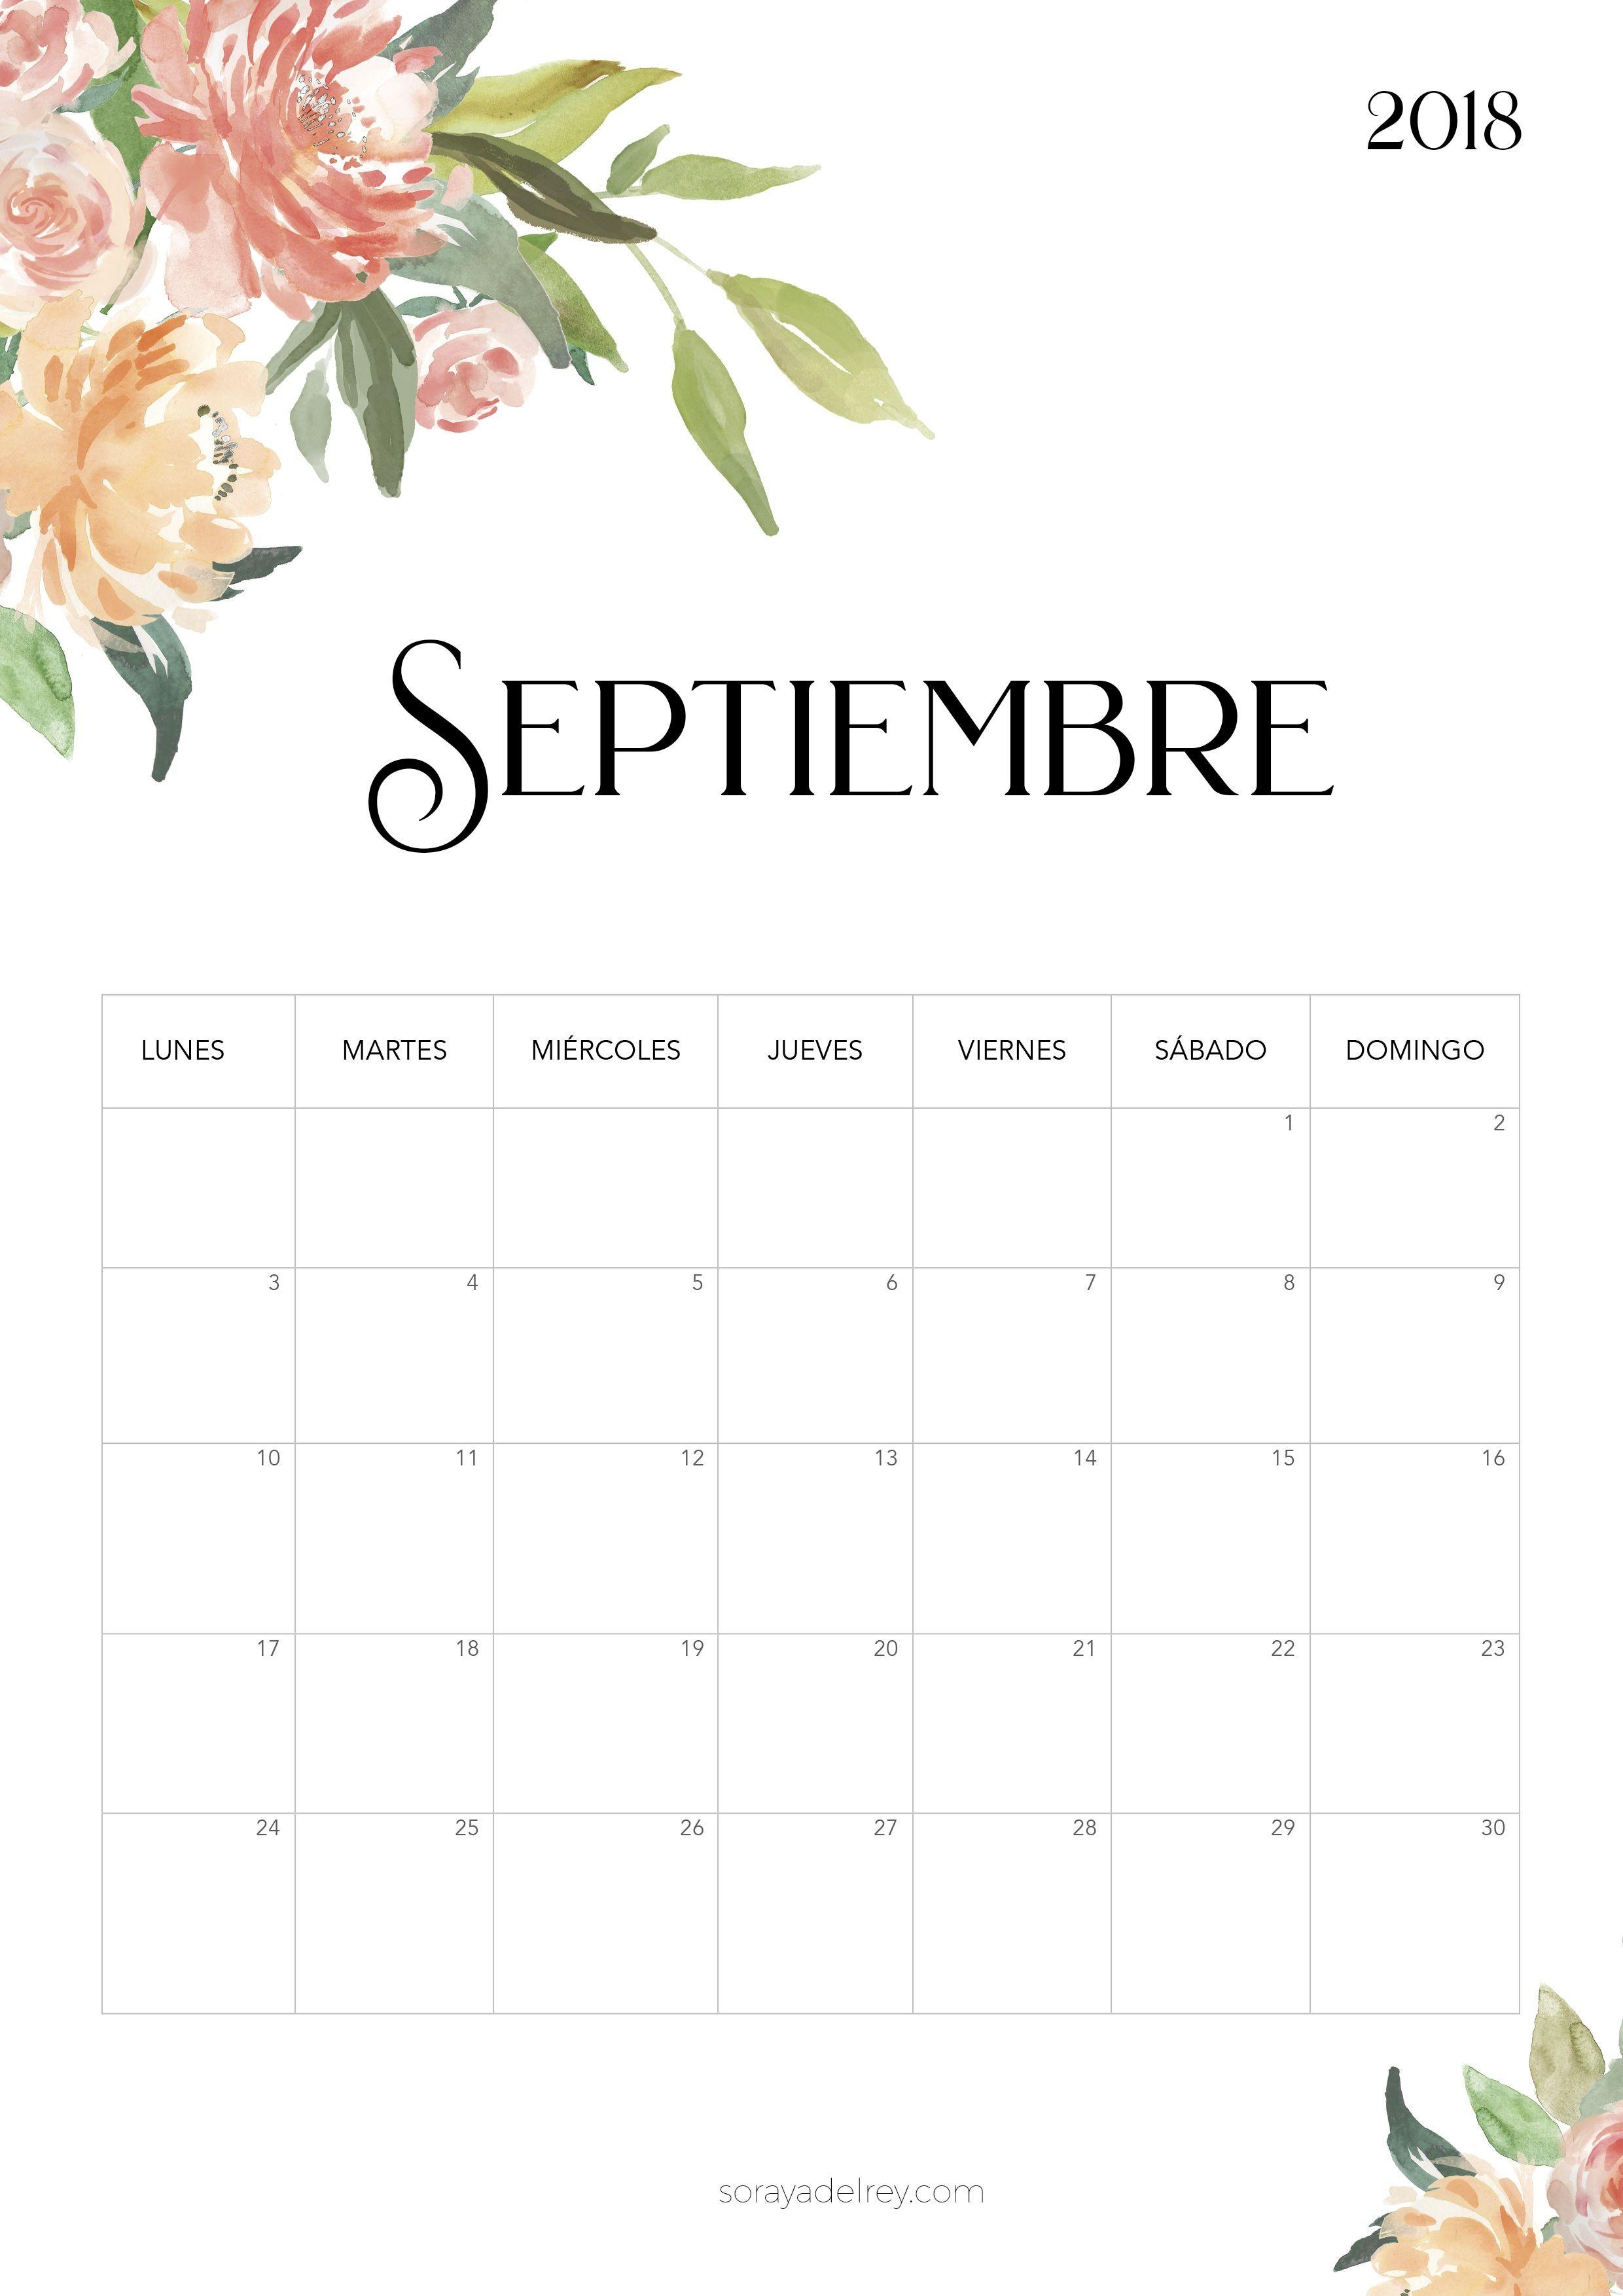 Calendario Para Imprimir 2019 Escolar Más Recientes Calendario Para Imprimir 2018 2019 Calendario 2019 Of Calendario Para Imprimir 2019 Escolar Más Reciente Resultado De Imagen Para Imprimible Hojas De Agenda